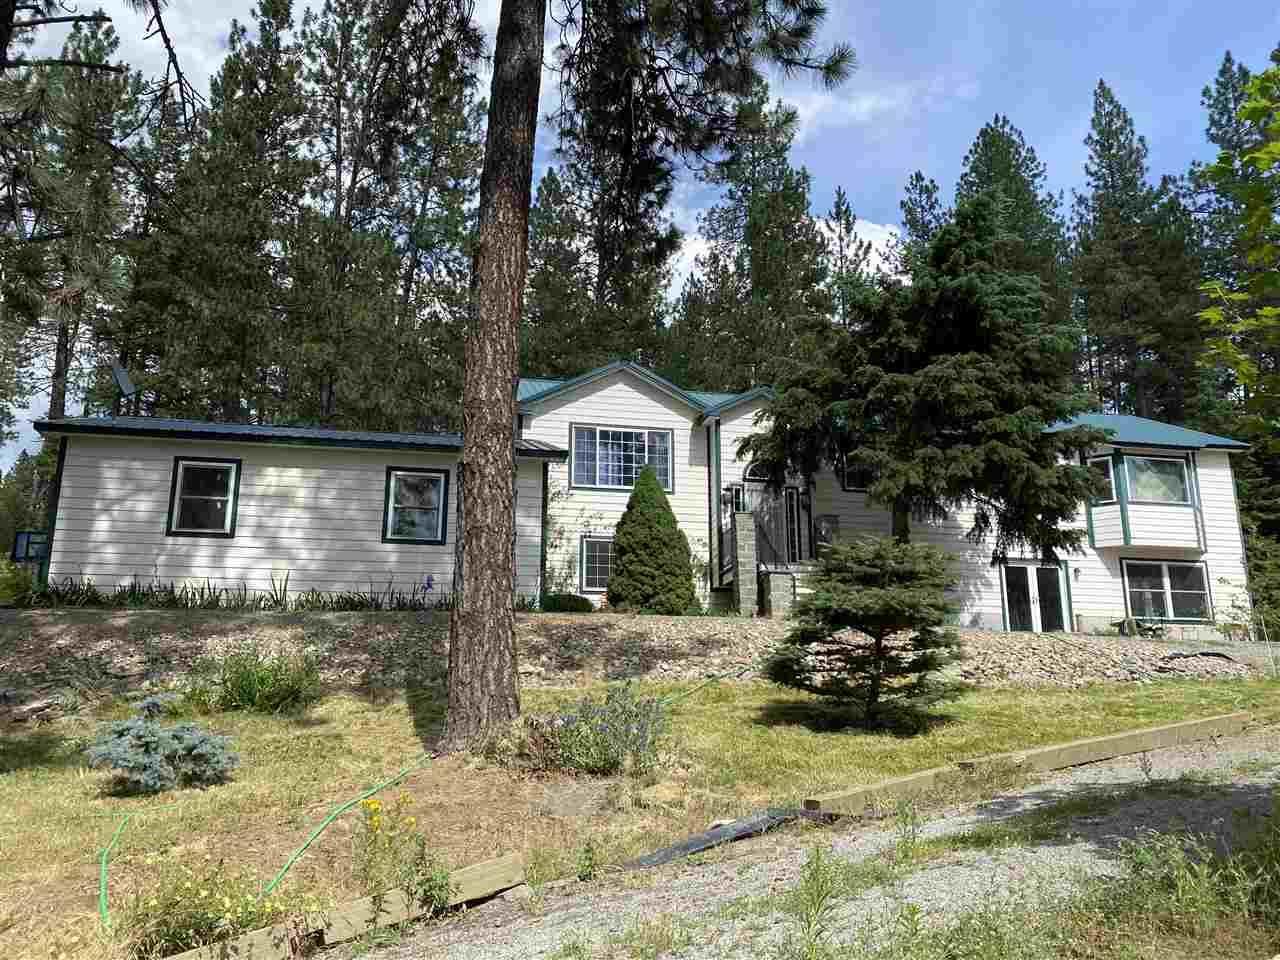 14804 N Woodside Ln, Spokane, WA 99217-9252 - #: 202018575